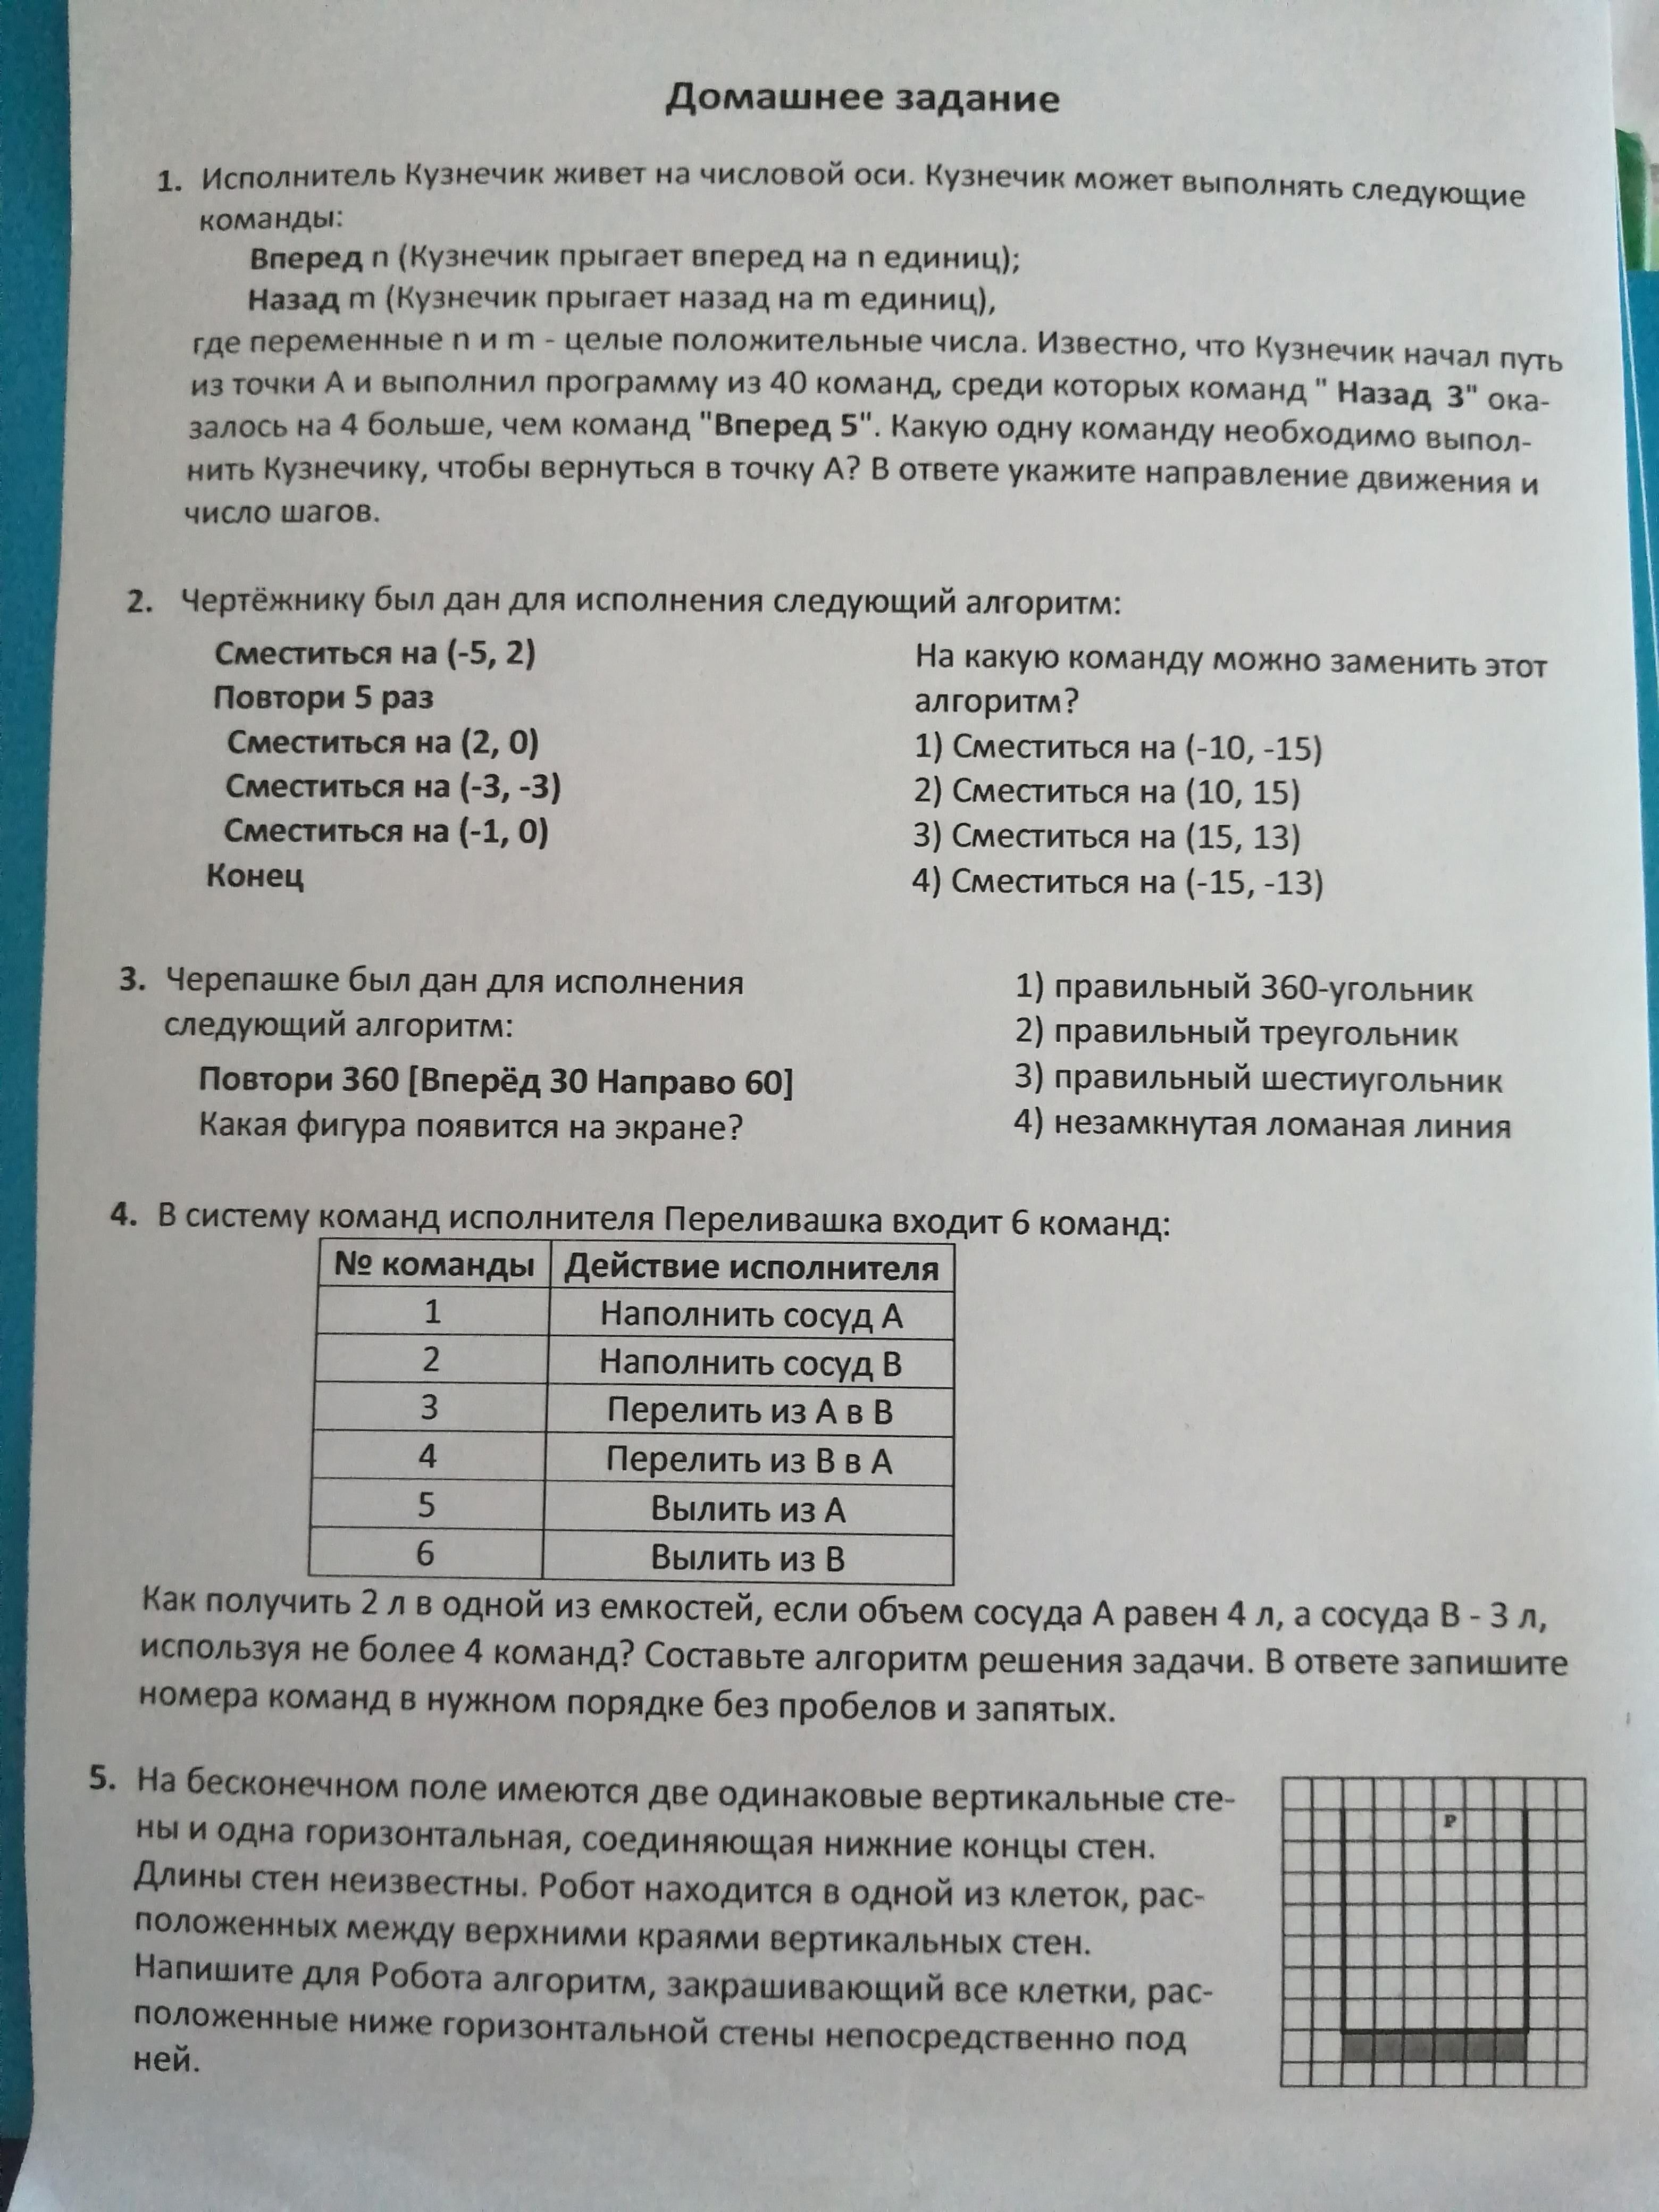 Помогите решить задачу по информатике 5 класс как решить эту задачу на английском